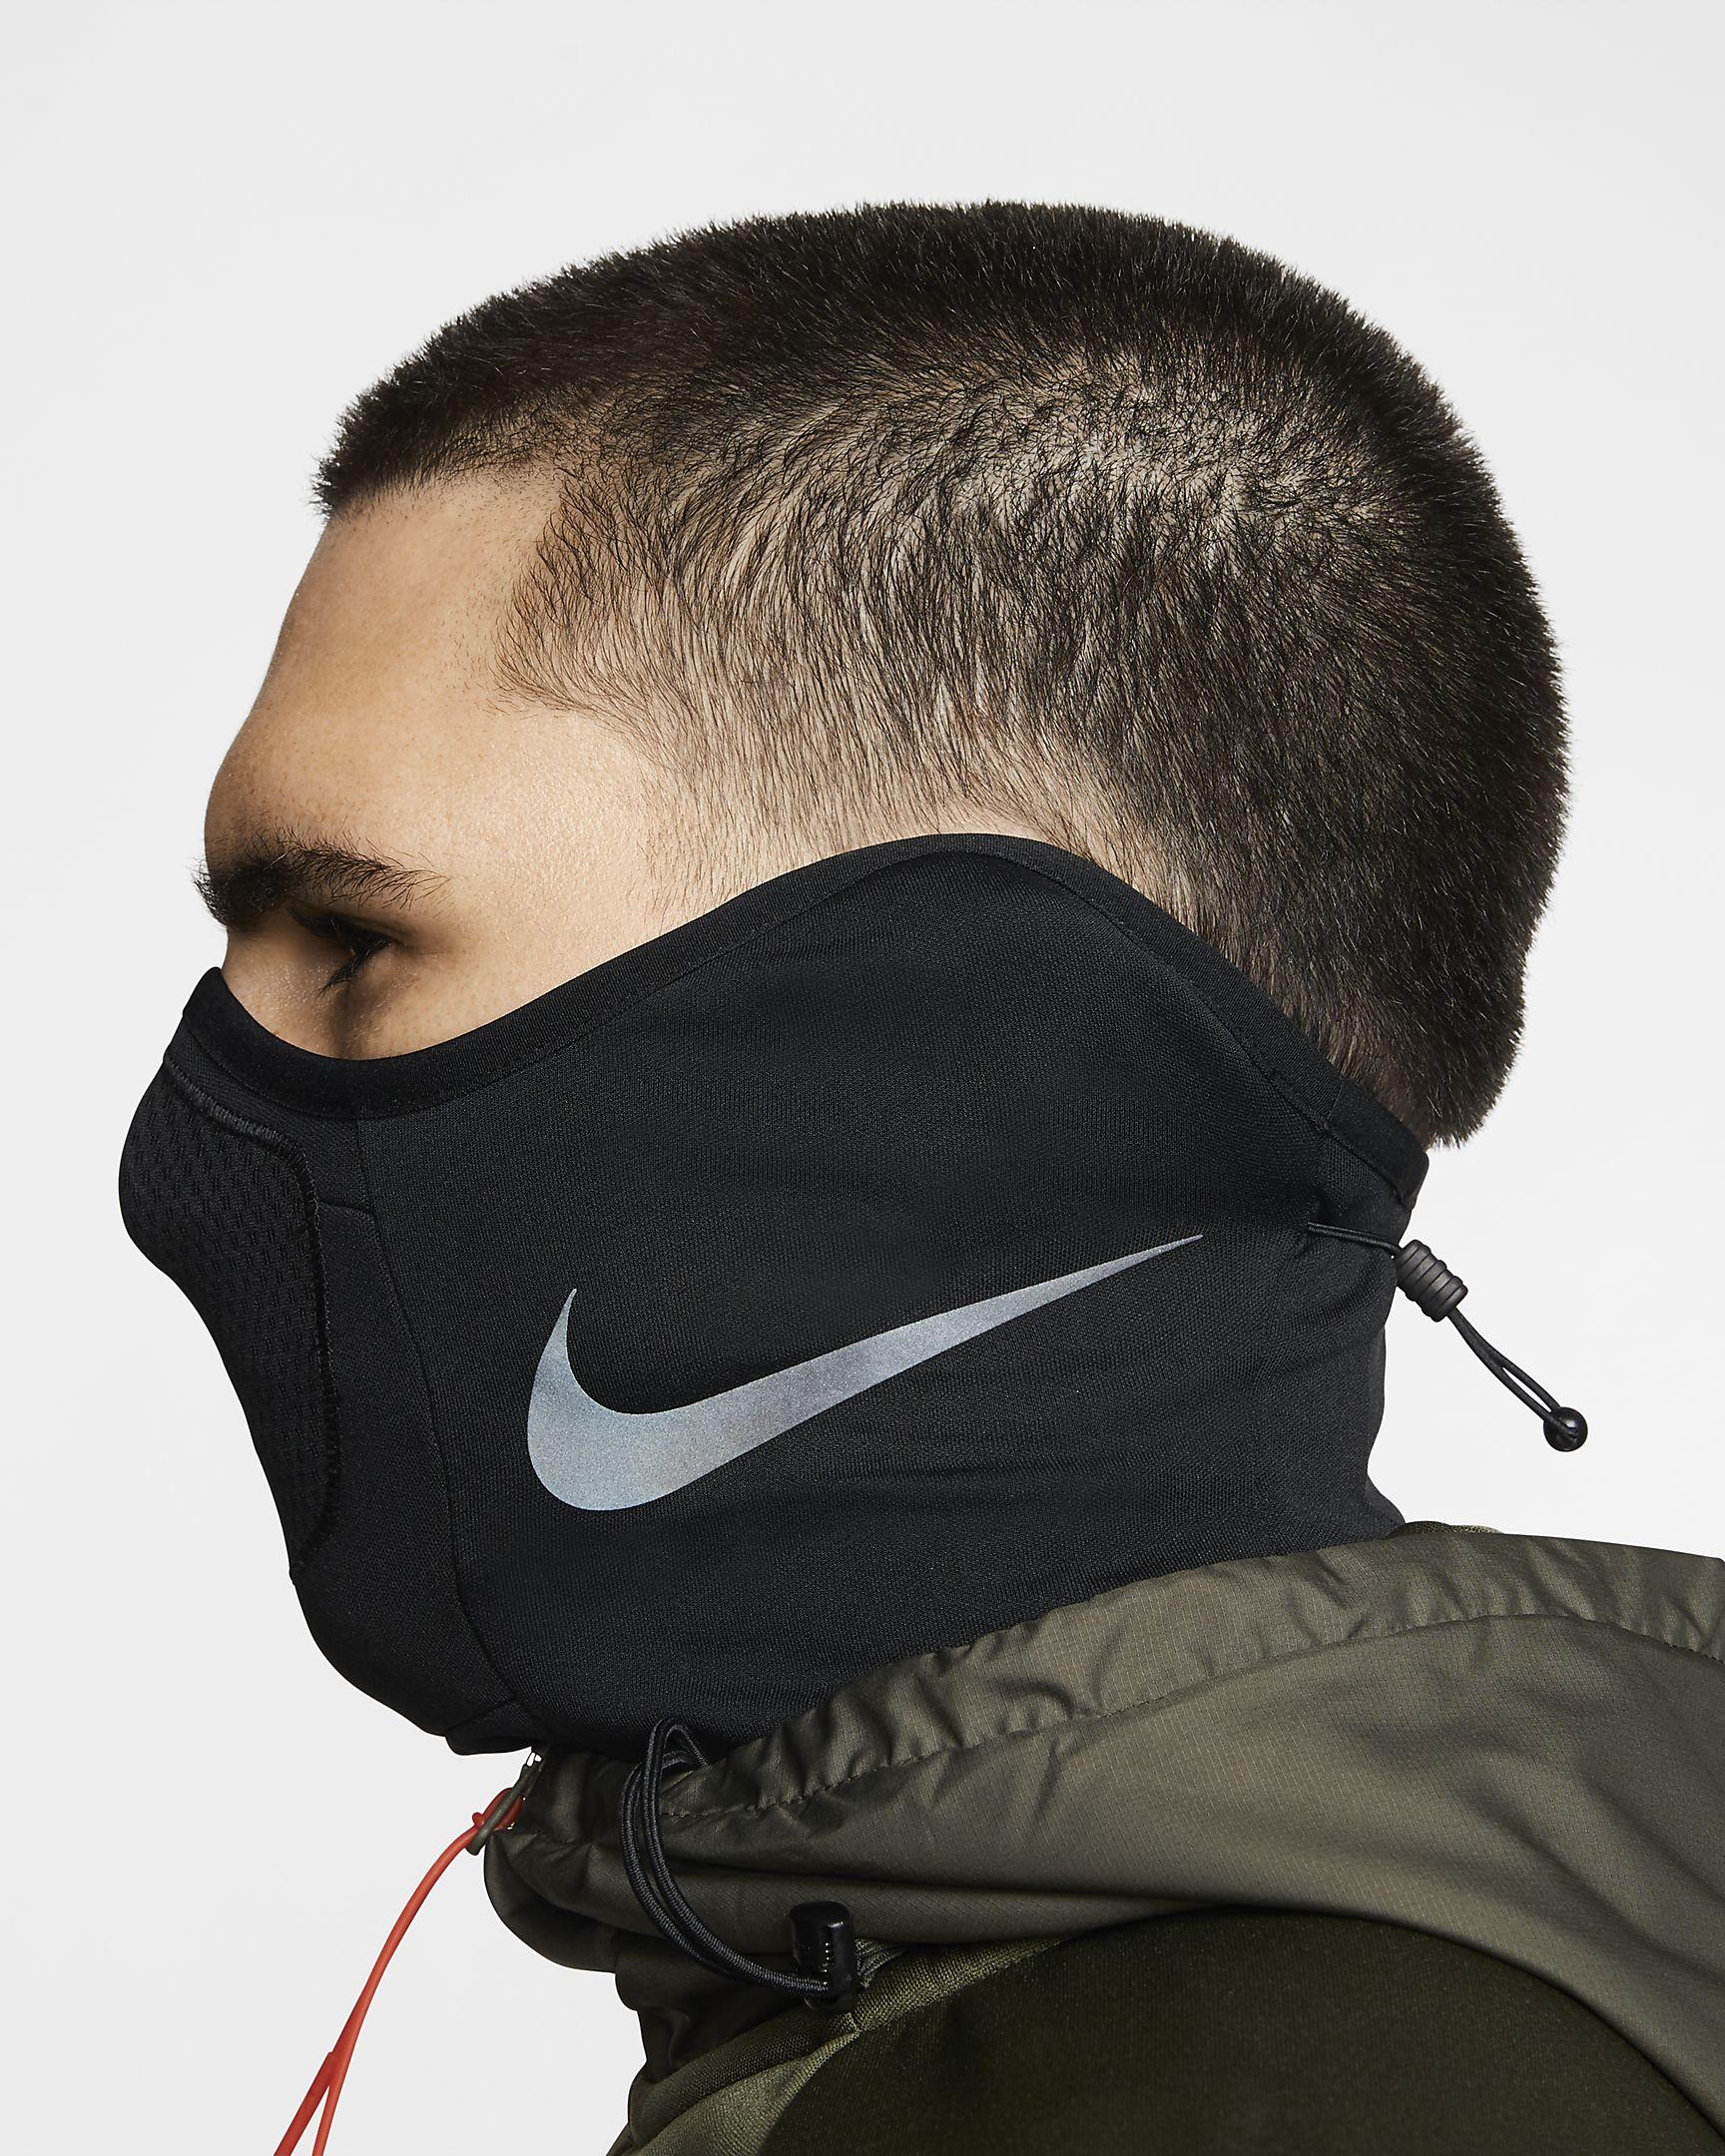 El cuello térmico Nike Strike protege la cara y el cuello con un tejido Fleece suave que capilariza el sudor para mantener la calidez y la transpirabilidad.